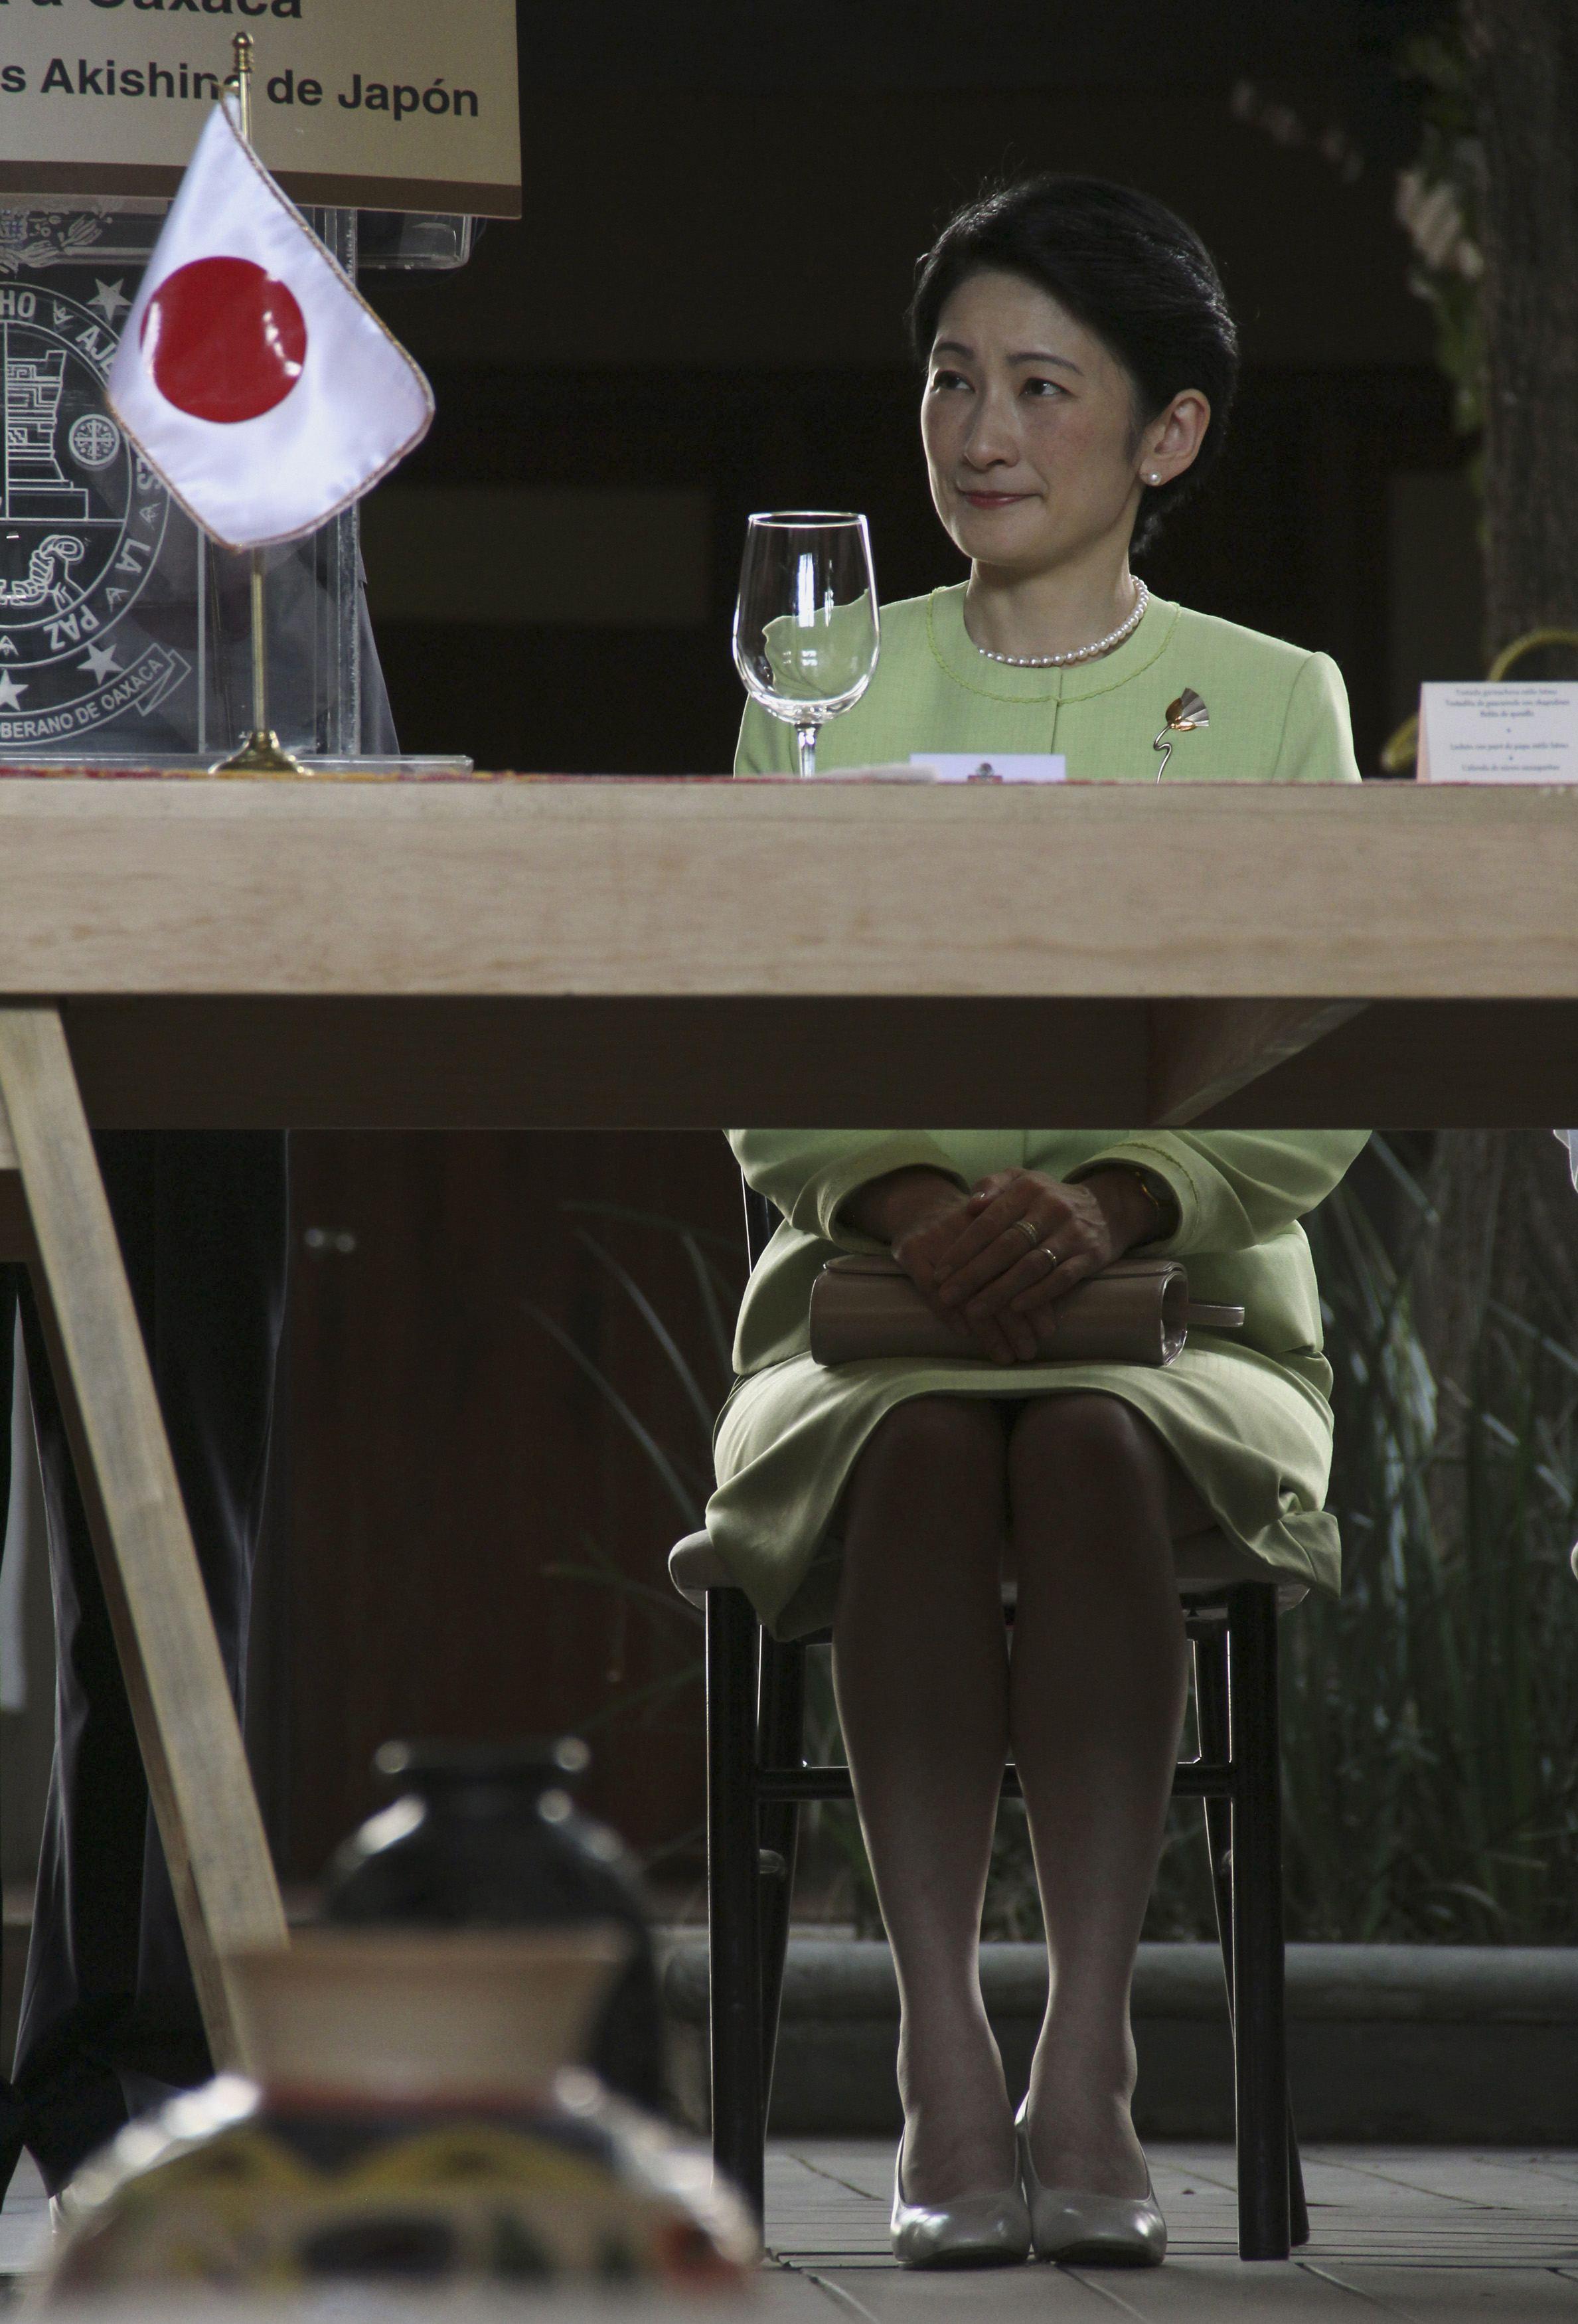 【皇室】佳子さまの伊勢参拝で見えた東宮家と秋篠宮家の明確な格差©2ch.net YouTube動画>1本 ->画像>248枚